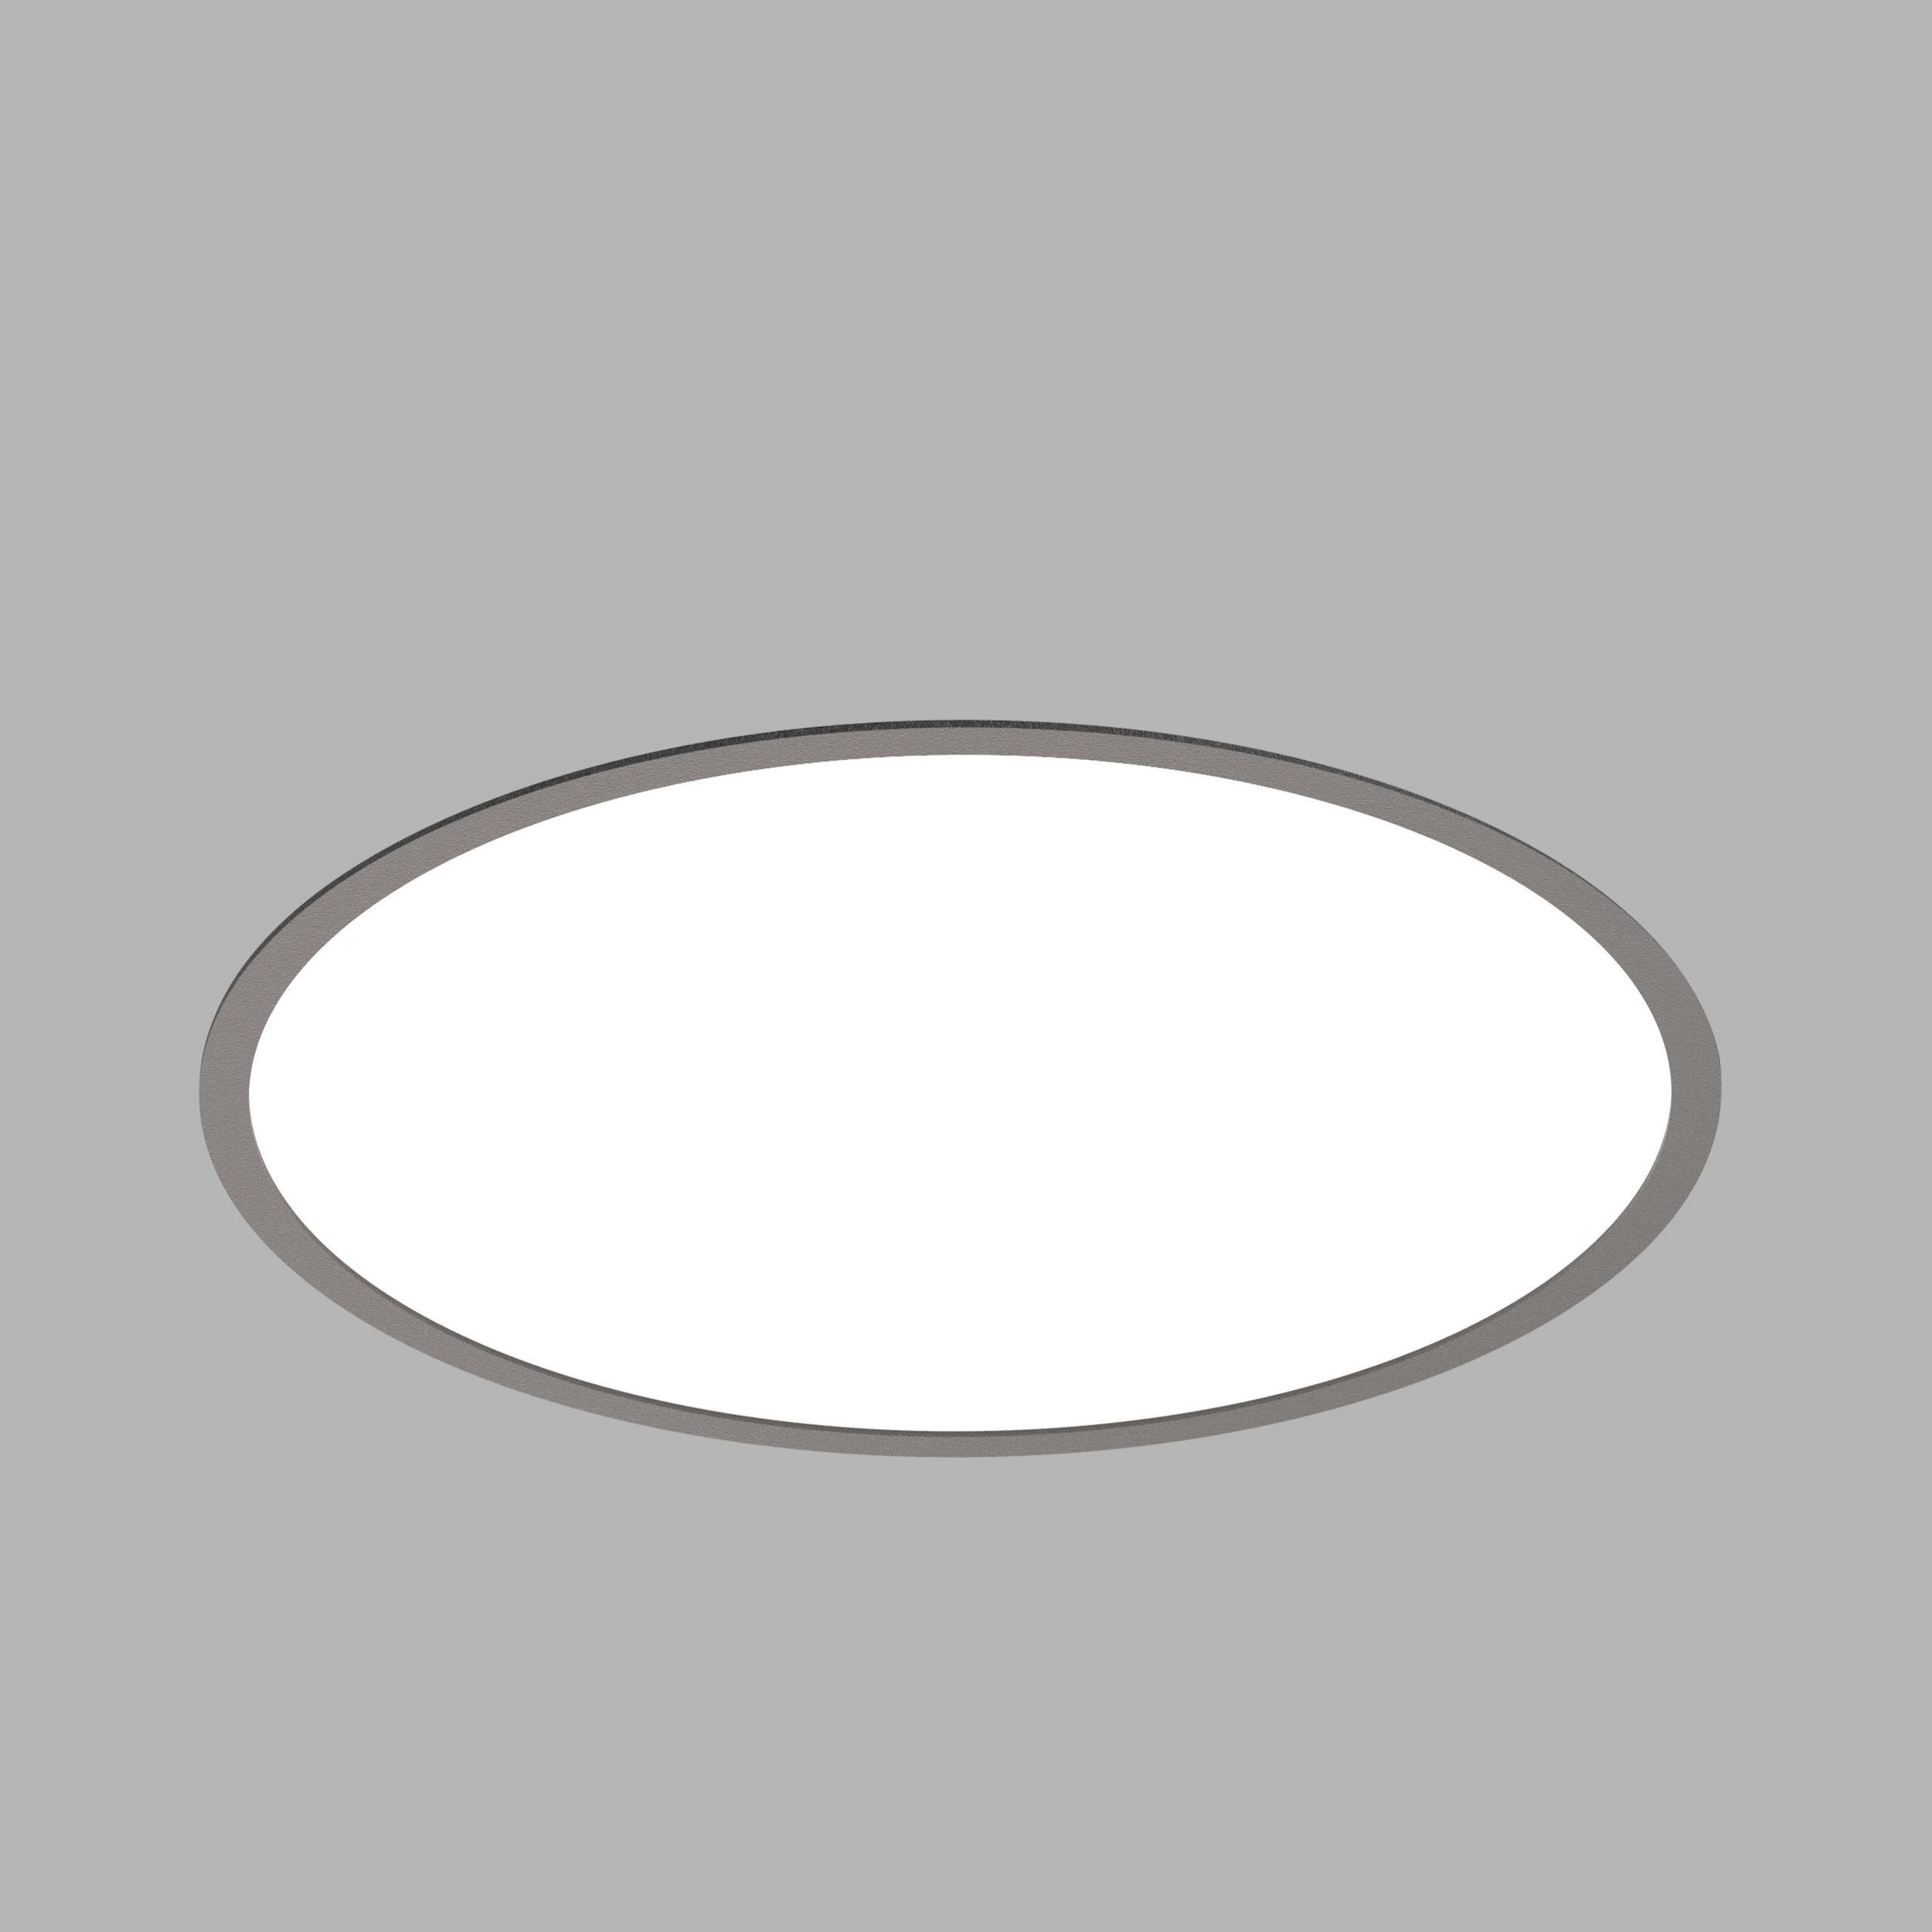 CIRCULAR-PLATE-RECESSED-FLAPS